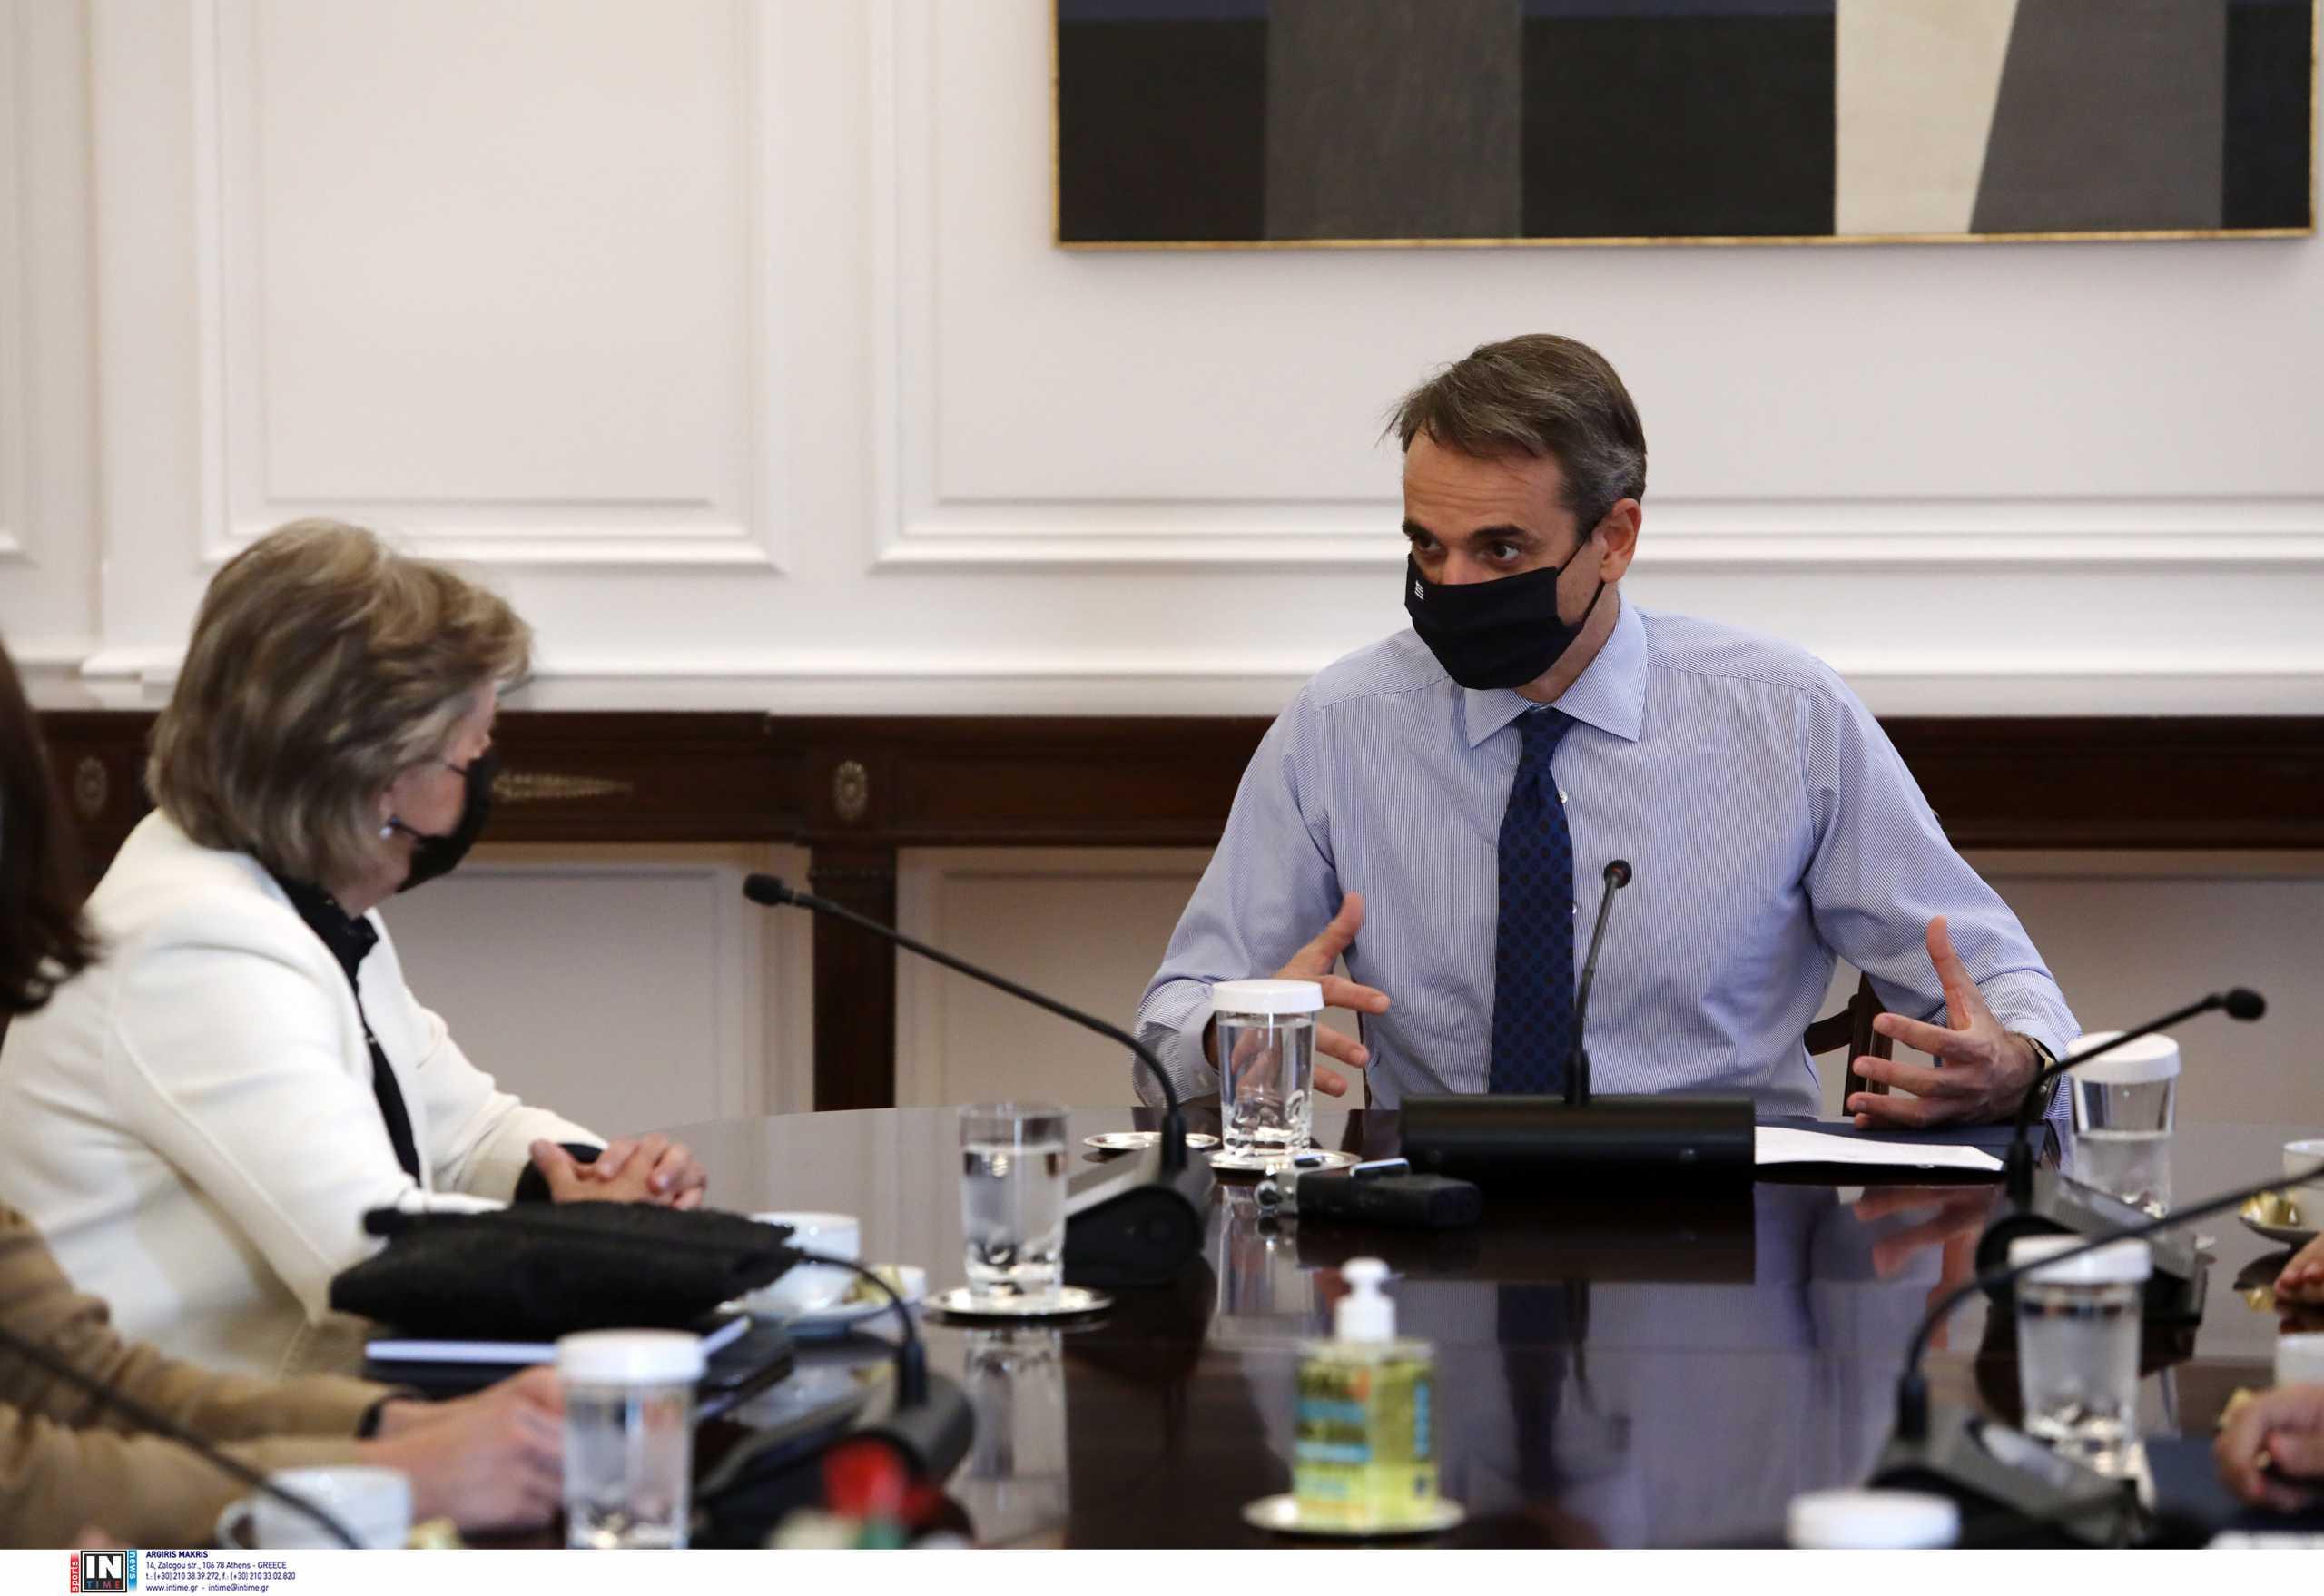 Κυριάκος Μητσοτάκης: Η Ελλάδα στην κορυφή της Ευρώπης στην απορρόφηση του ΕΣΠΑ